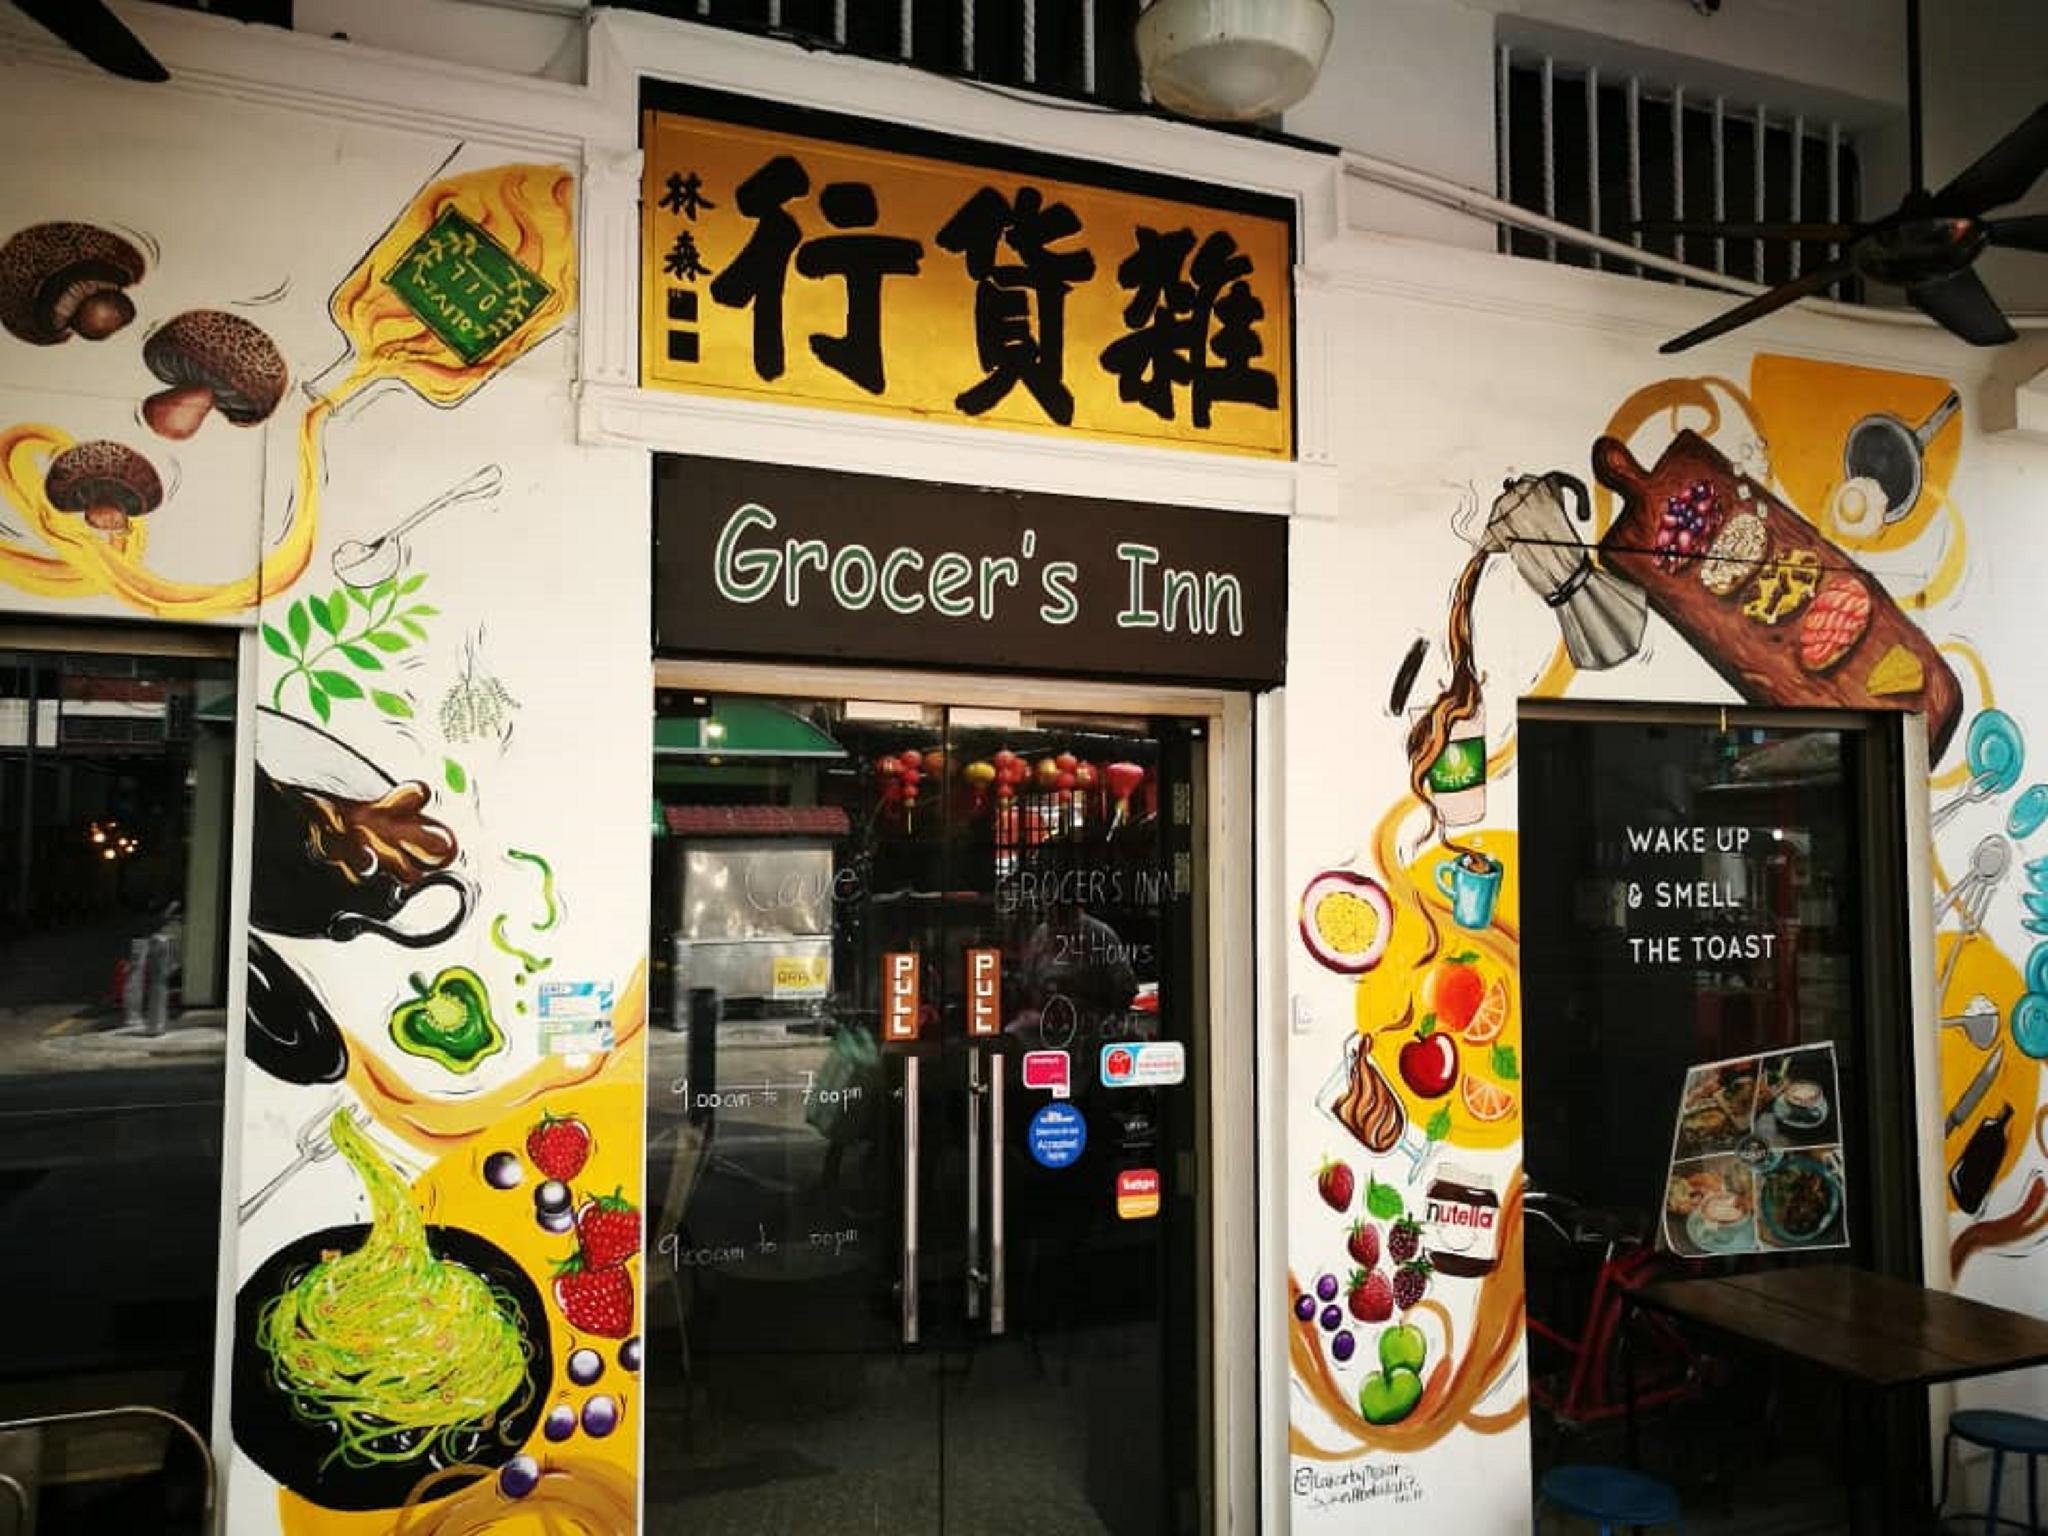 Grocer's Inn